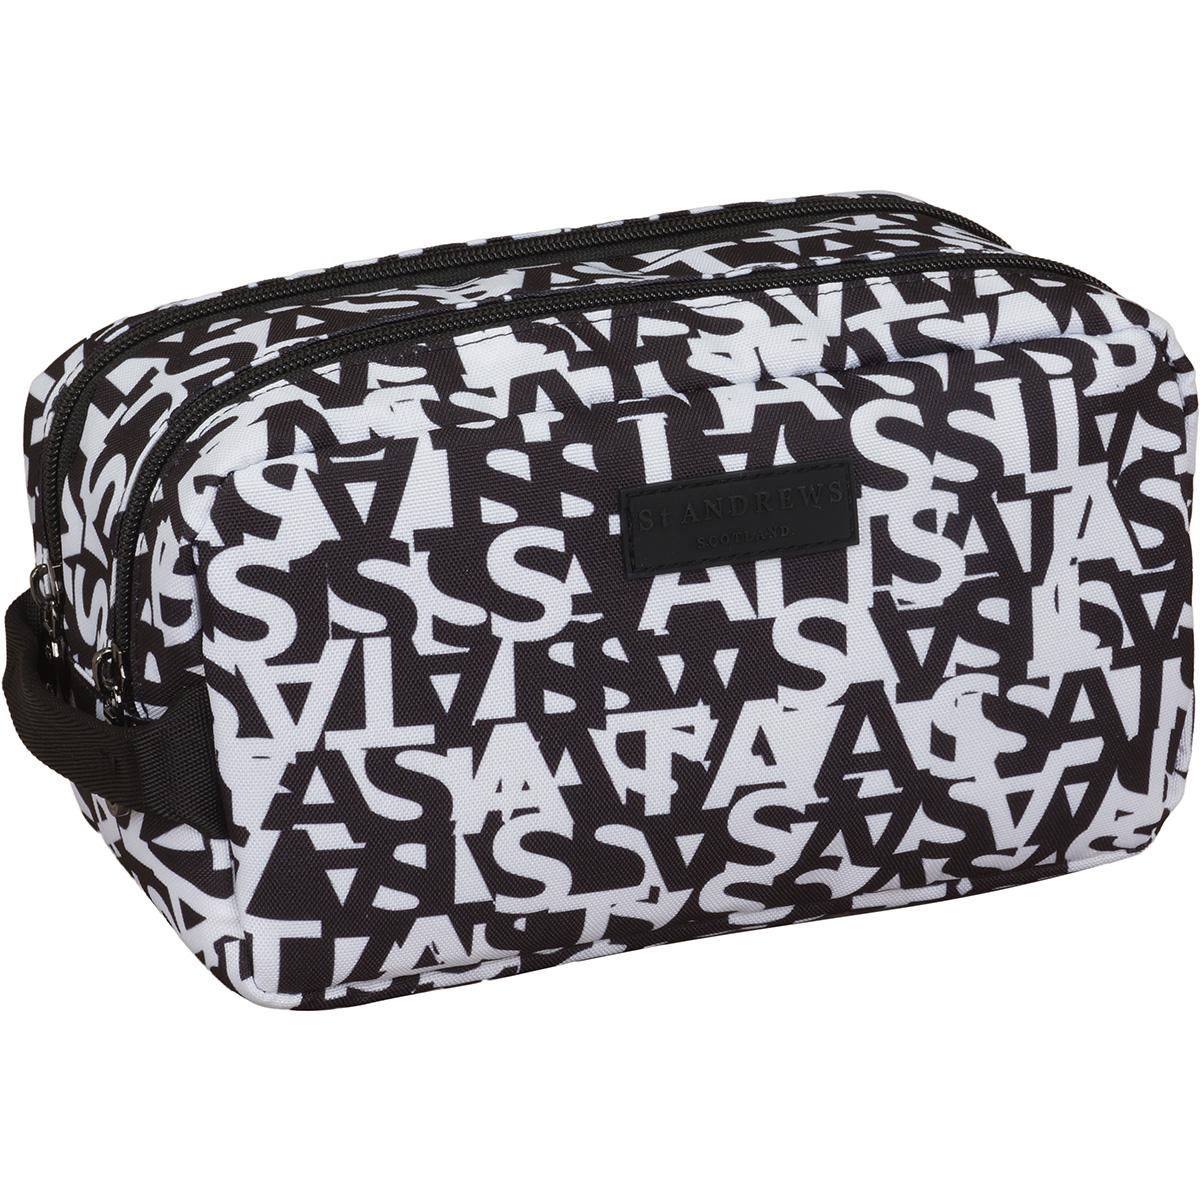 ロゴプリント クラッチバッグ